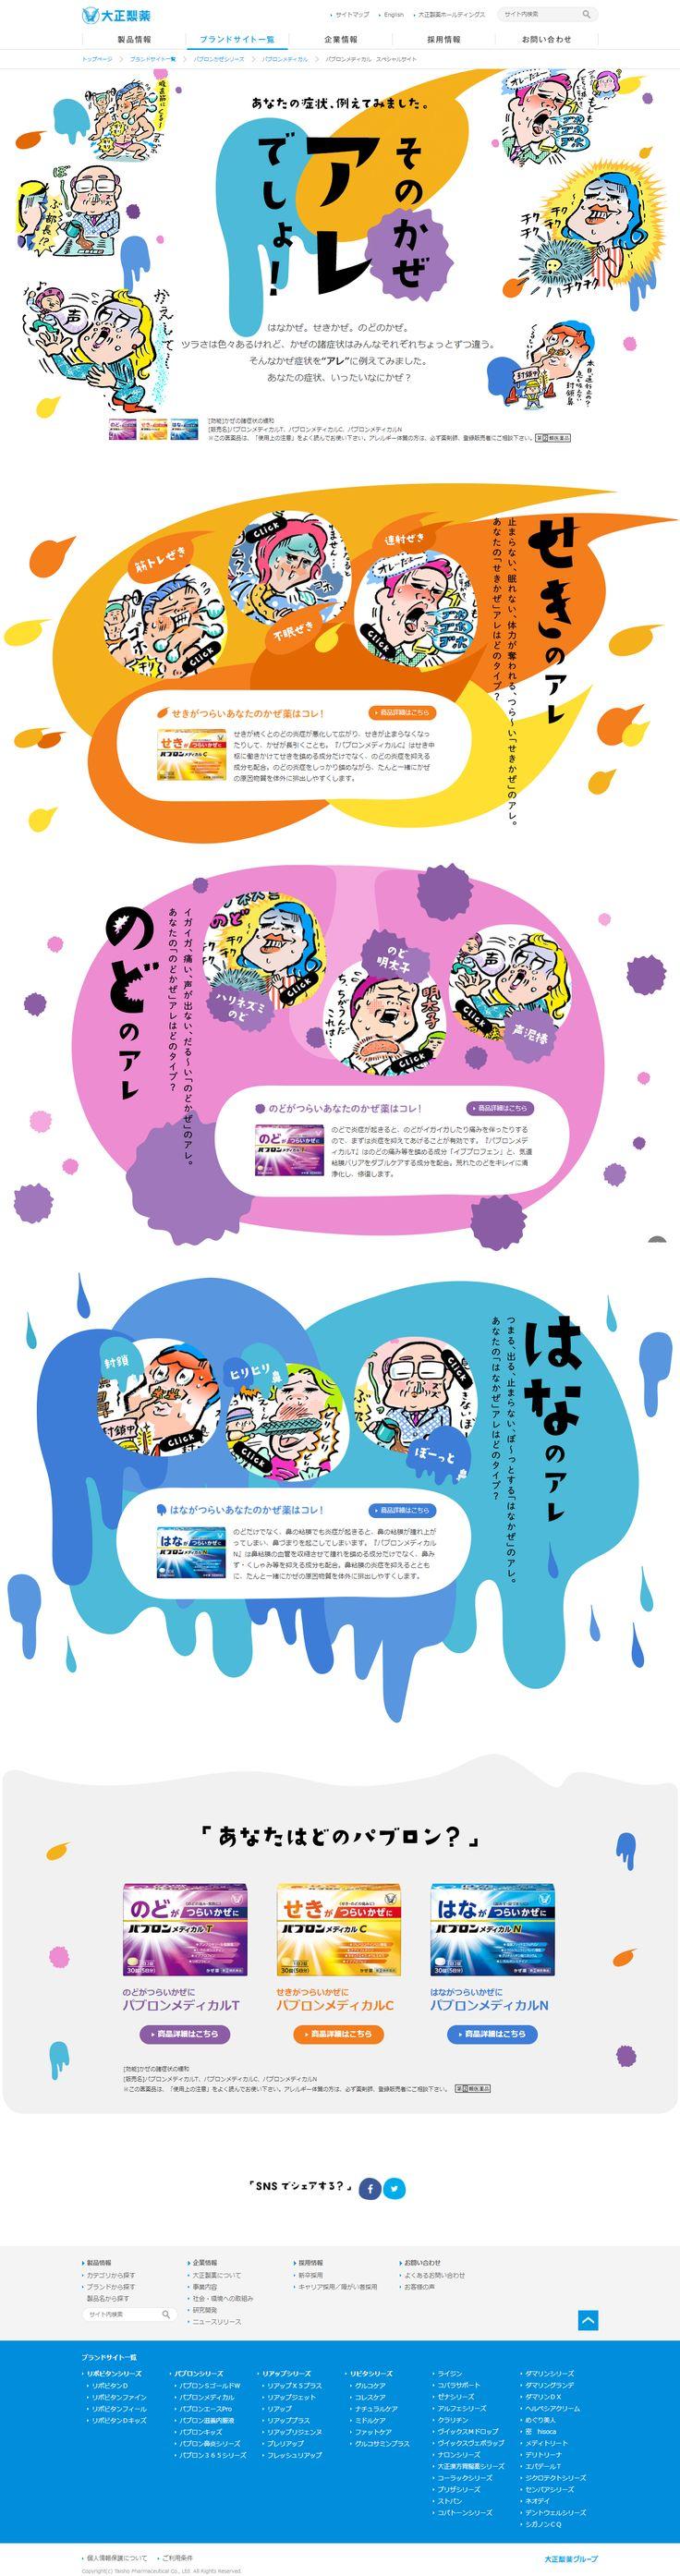 大正製薬 パブロンメディカル そのかぜ、アレでしょ! http://www.taisho.co.jp/pabron/medical/special/